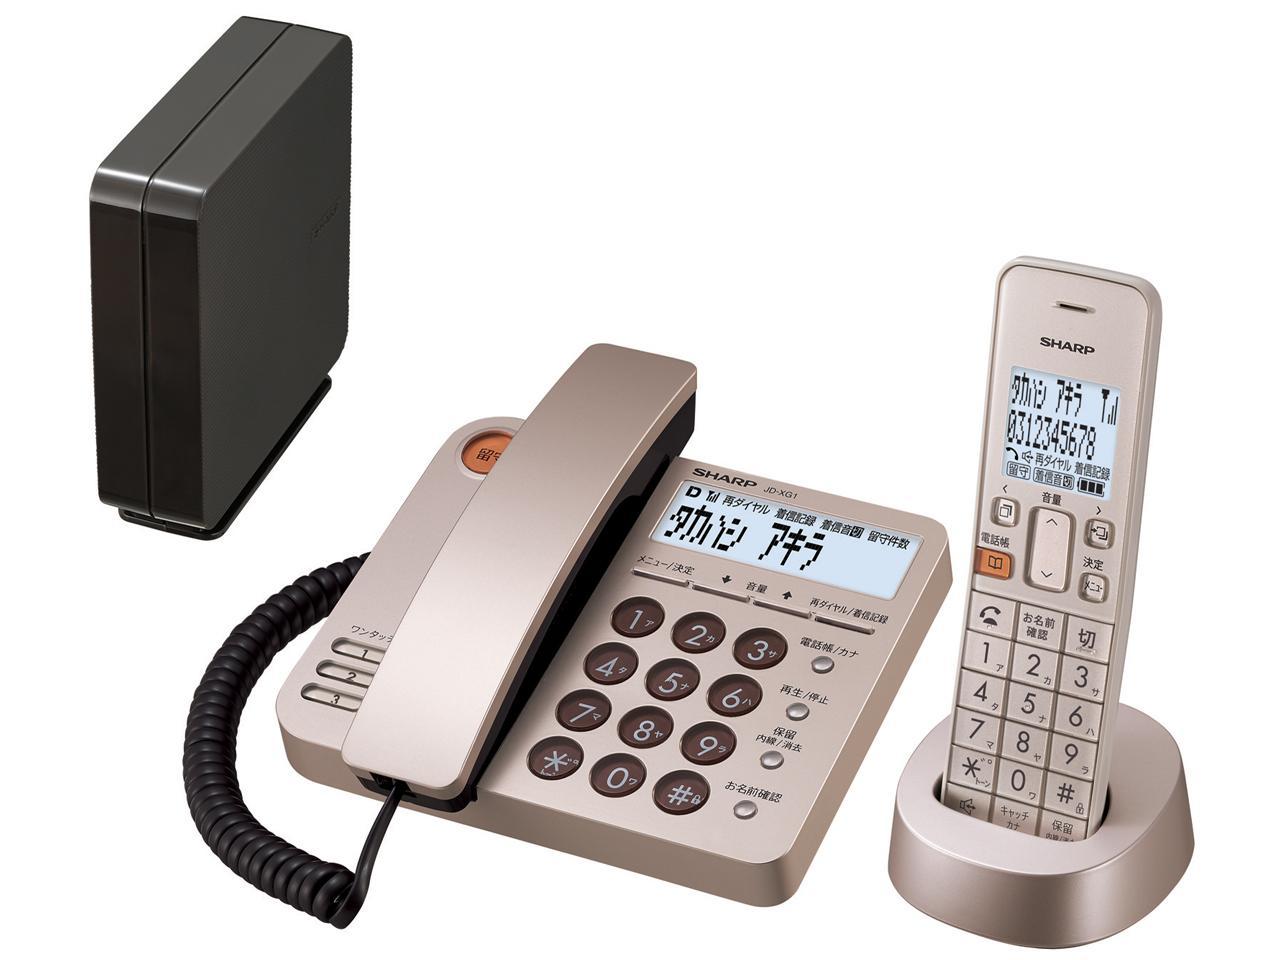 シャープ(SHARP) シャープ JD-XG1CLN コードレスデザイン電話機 親機1台+子機1台 シャンパンゴールド(JD-XG1CL-N)【smtb-s】